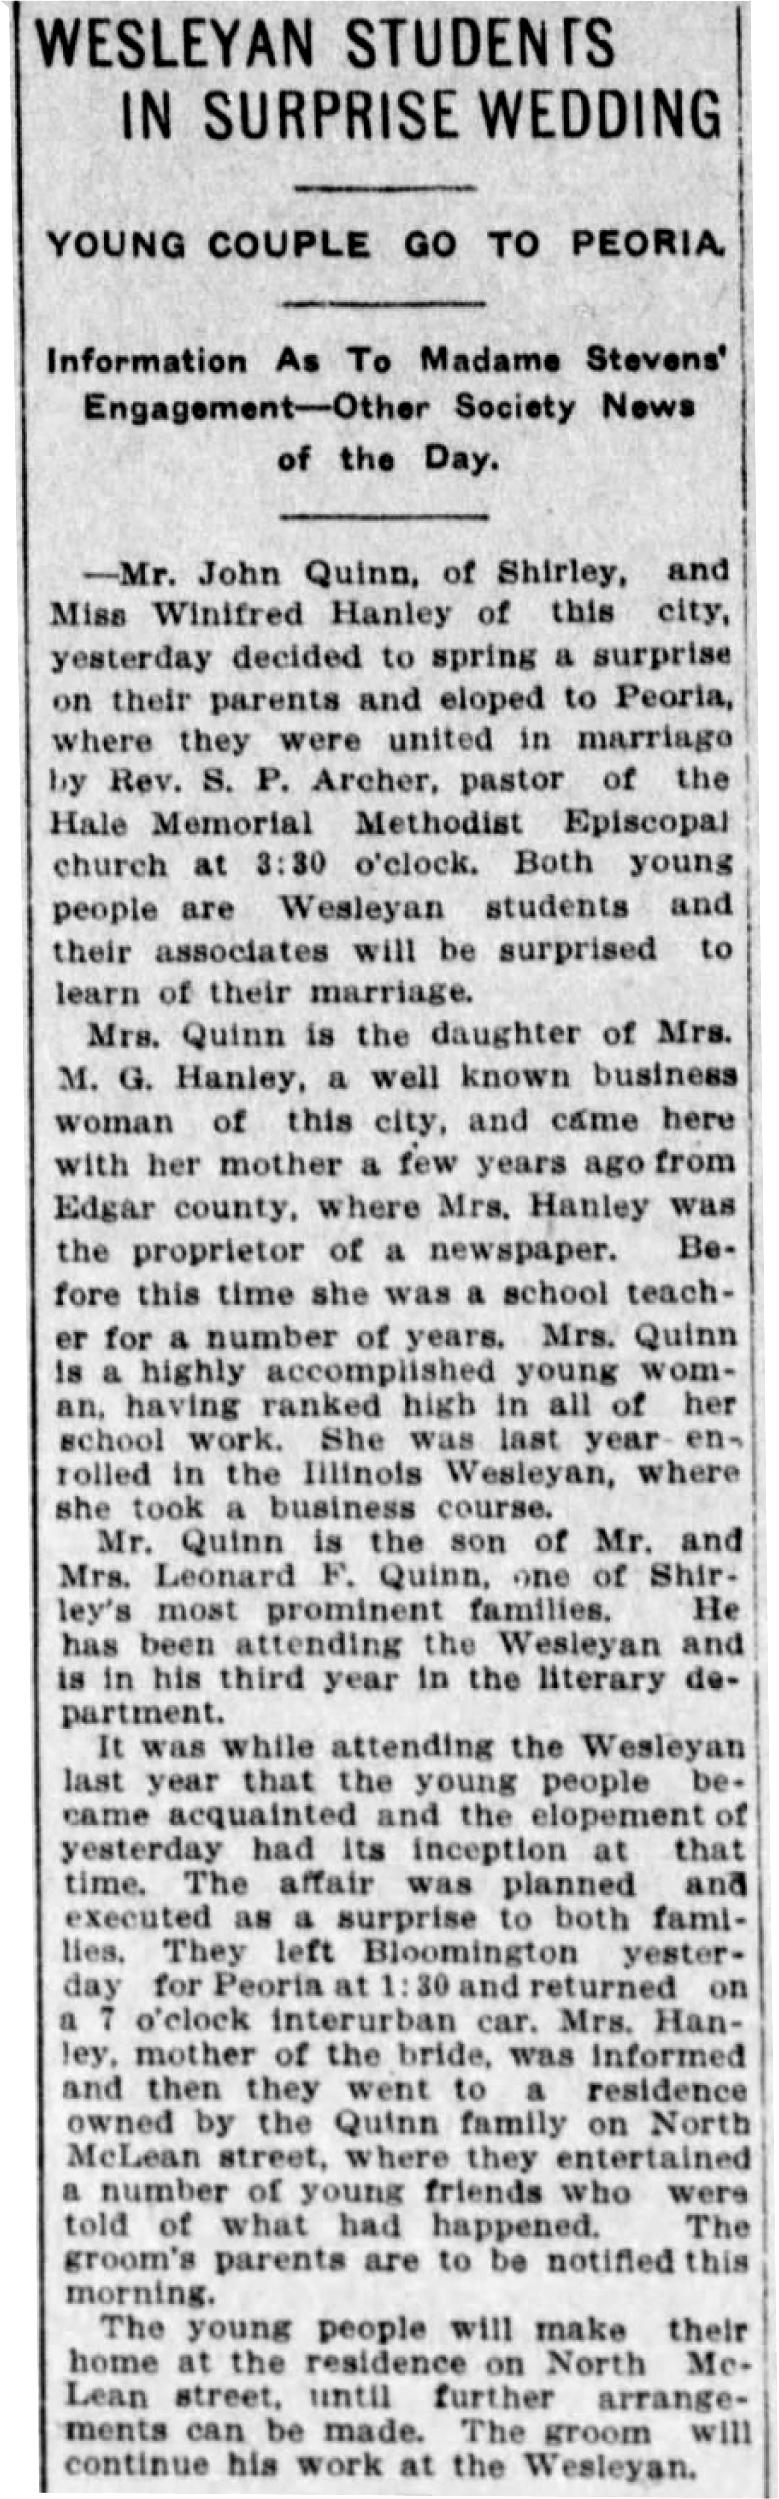 The Pantagraph (Bloomington, Illinois) Dec 8, 1911